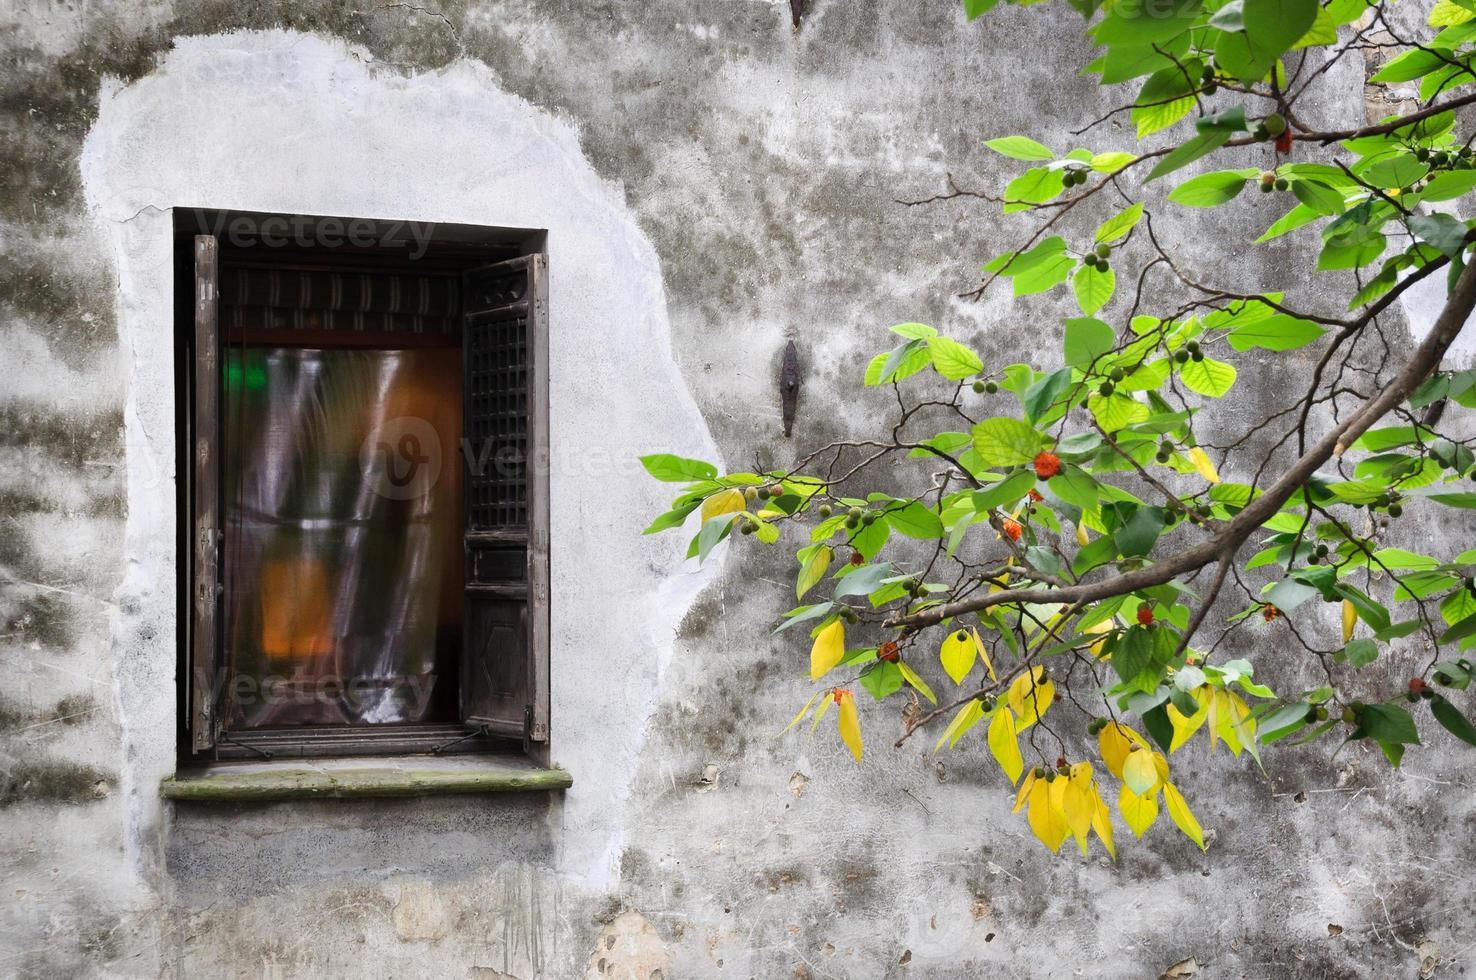 Ancien bâtiment résidentiel et branche verte sur pingjianglu, suzhou, Chine photo